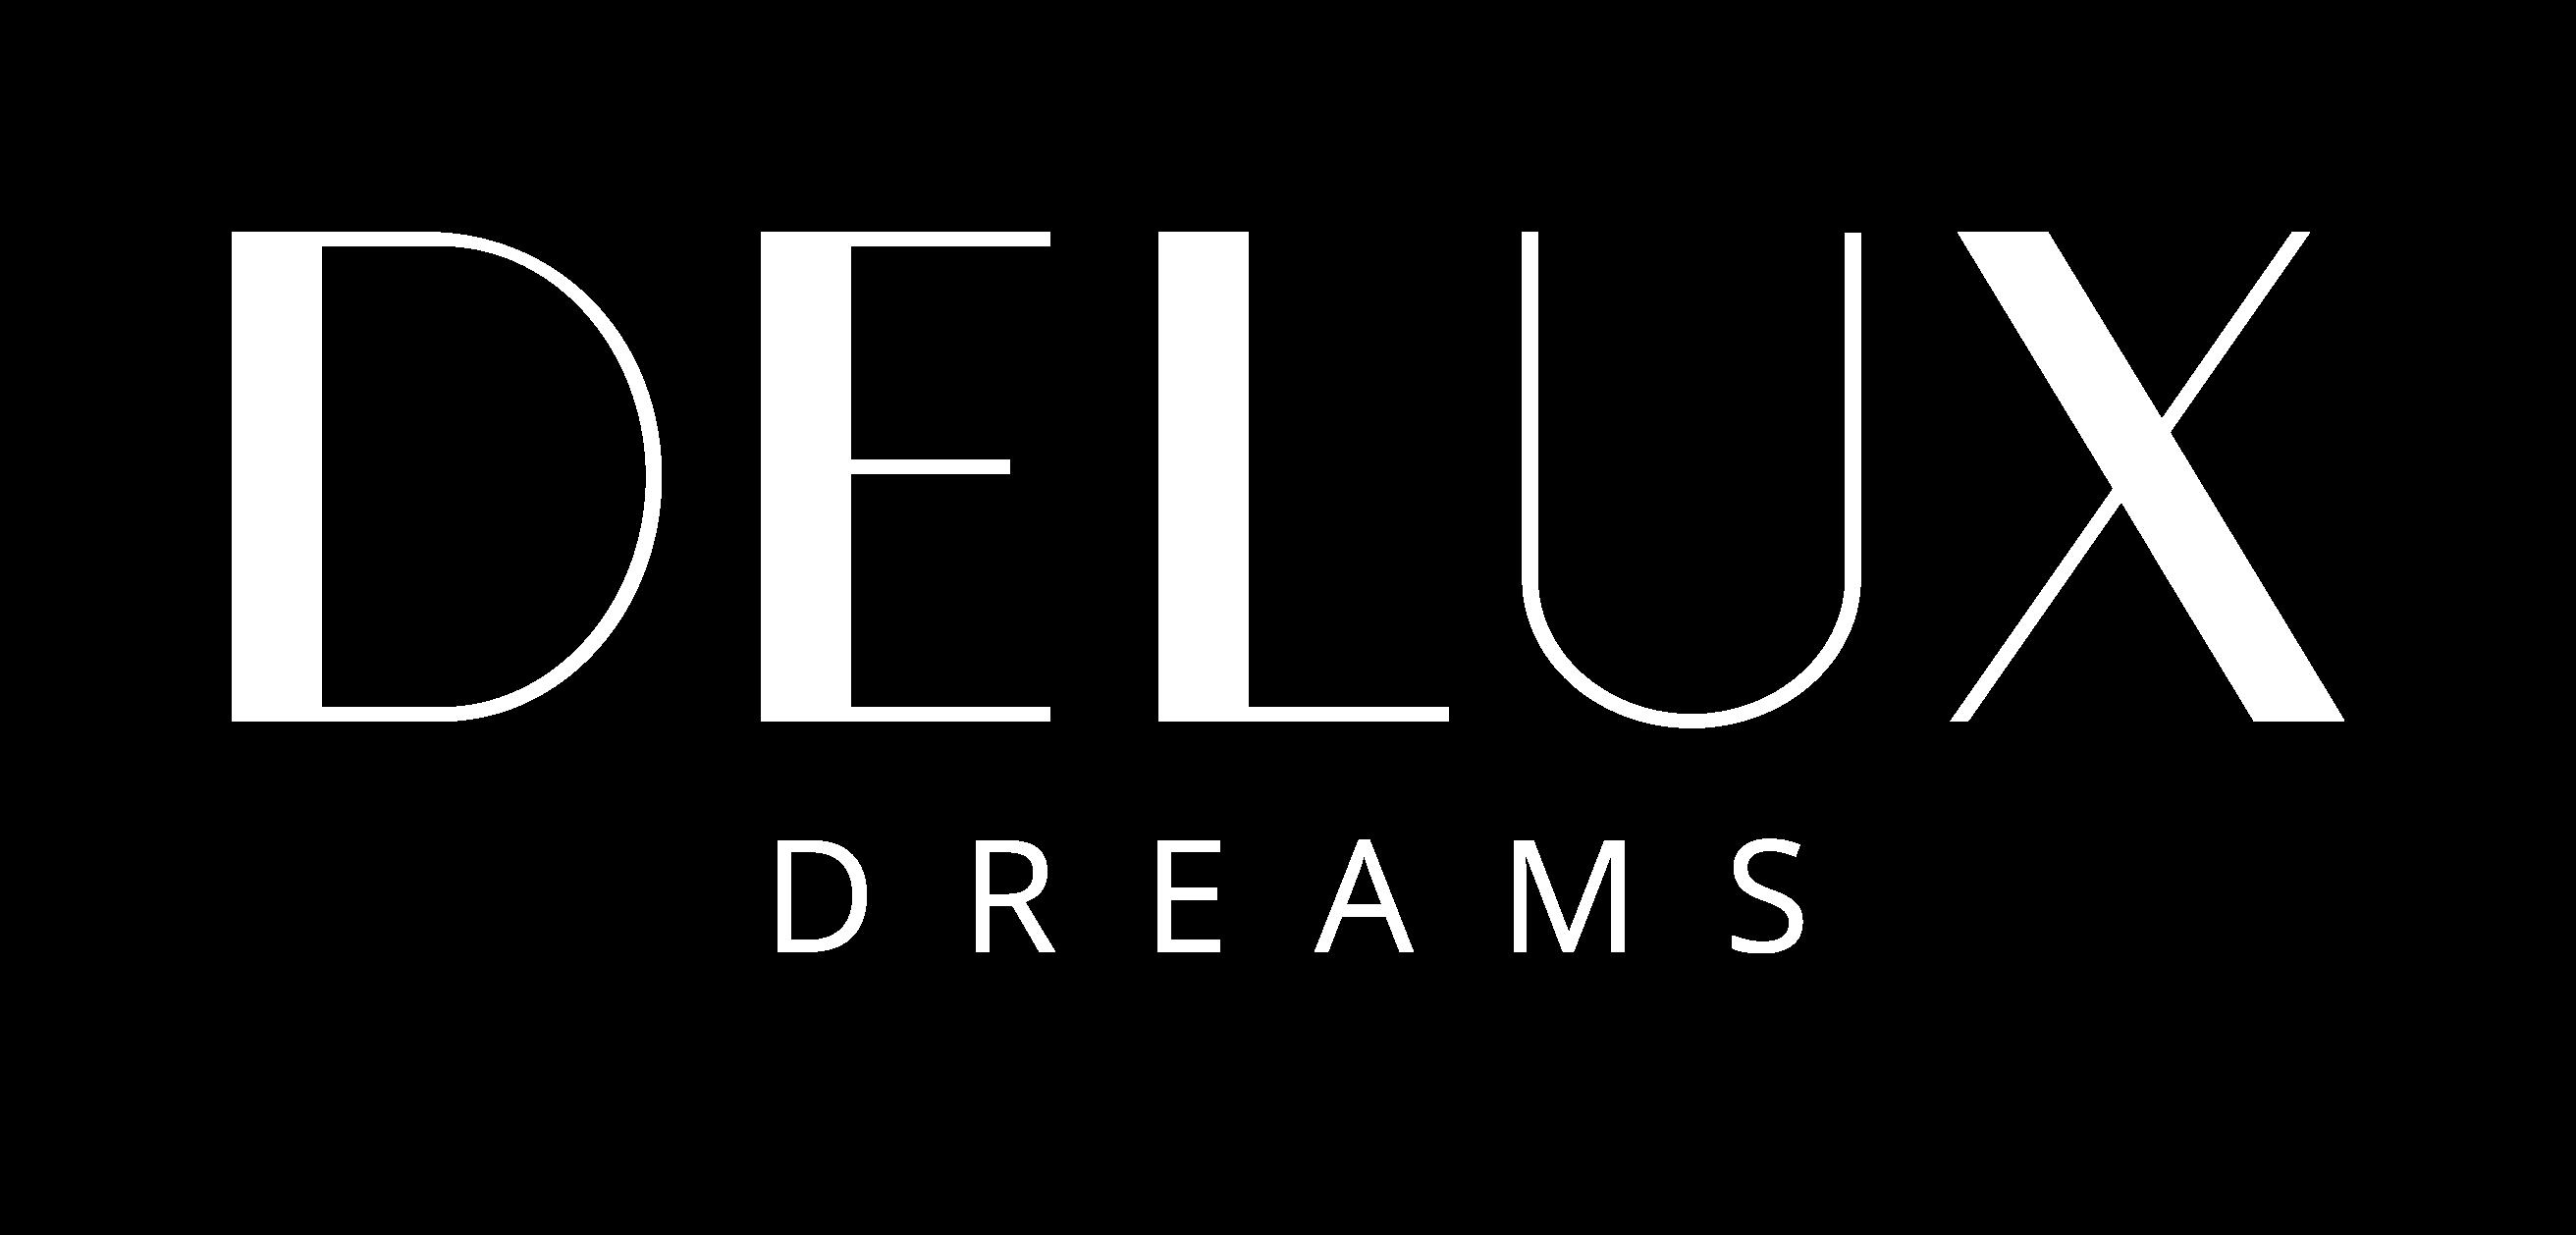 Delux Dreams